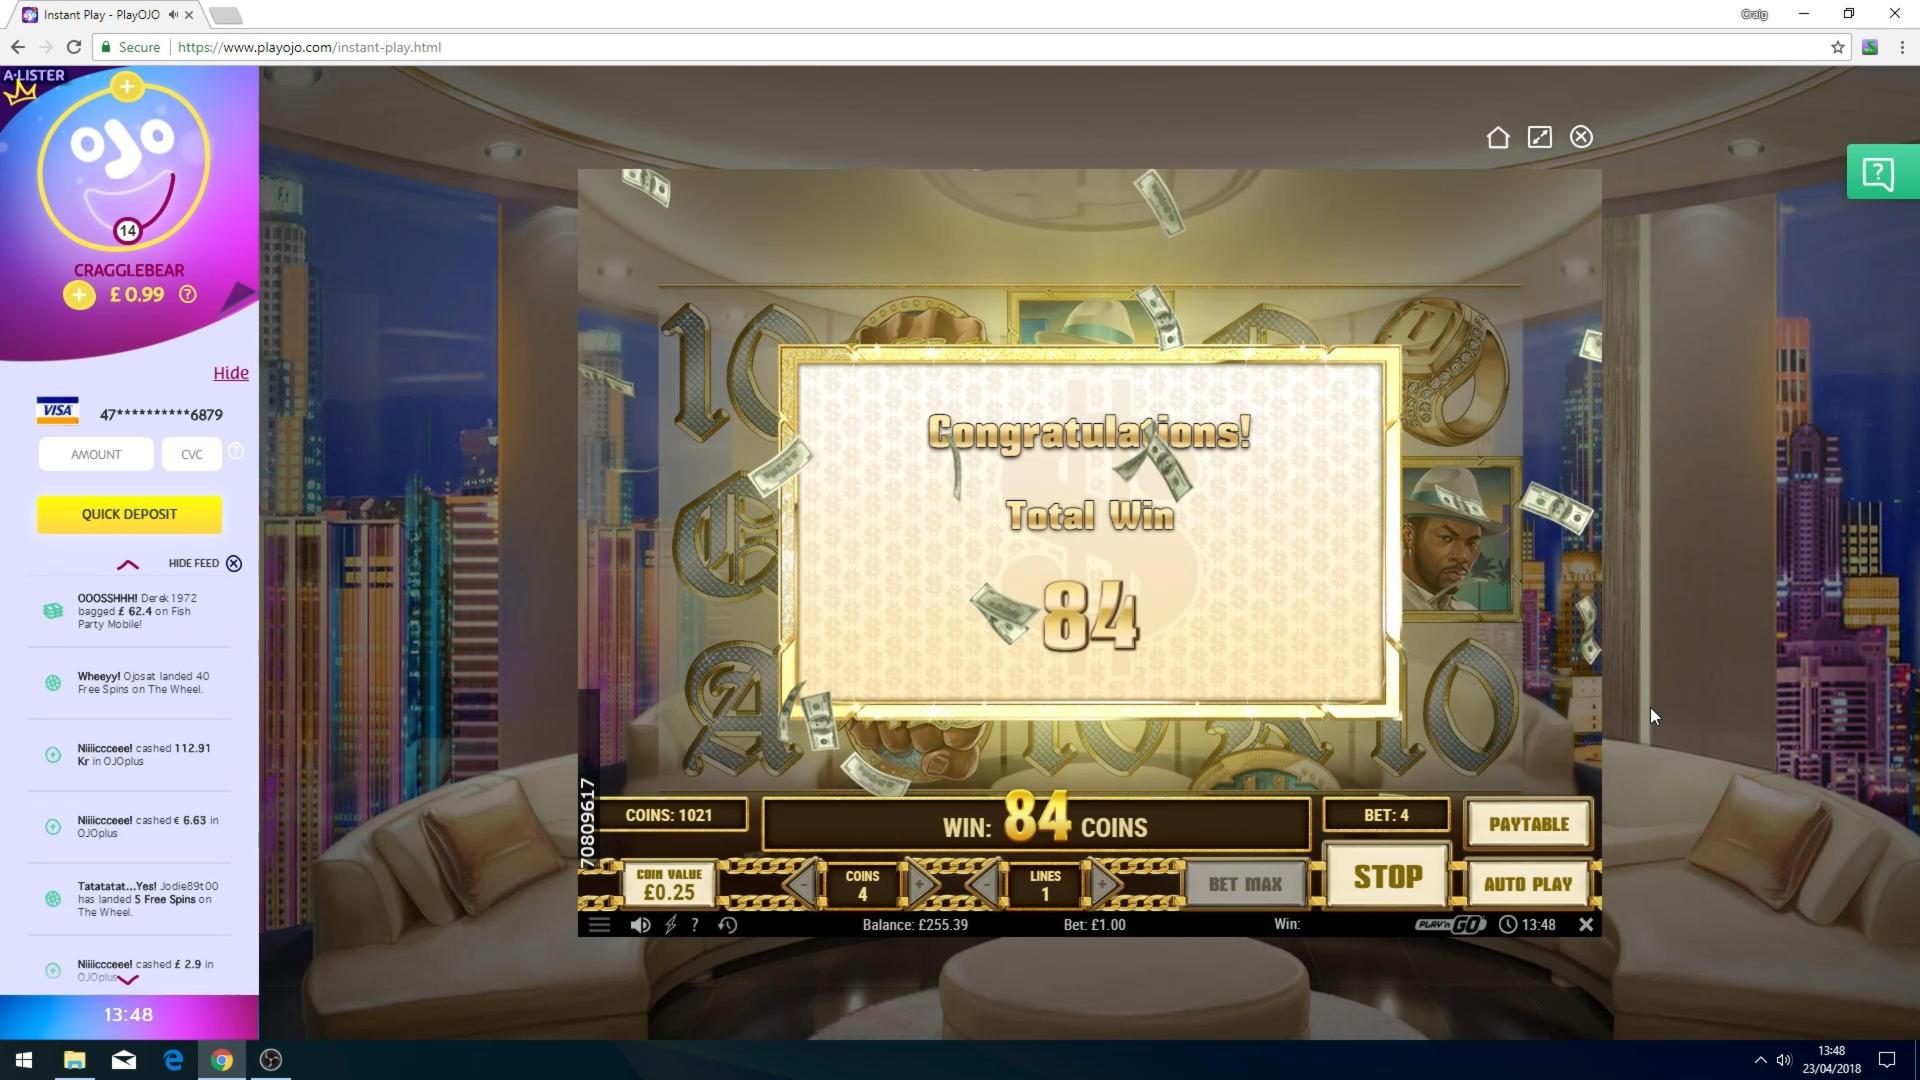 การแข่งขัน Eur 705 คาสิโนฟรีโรลที่ Bovada Casino